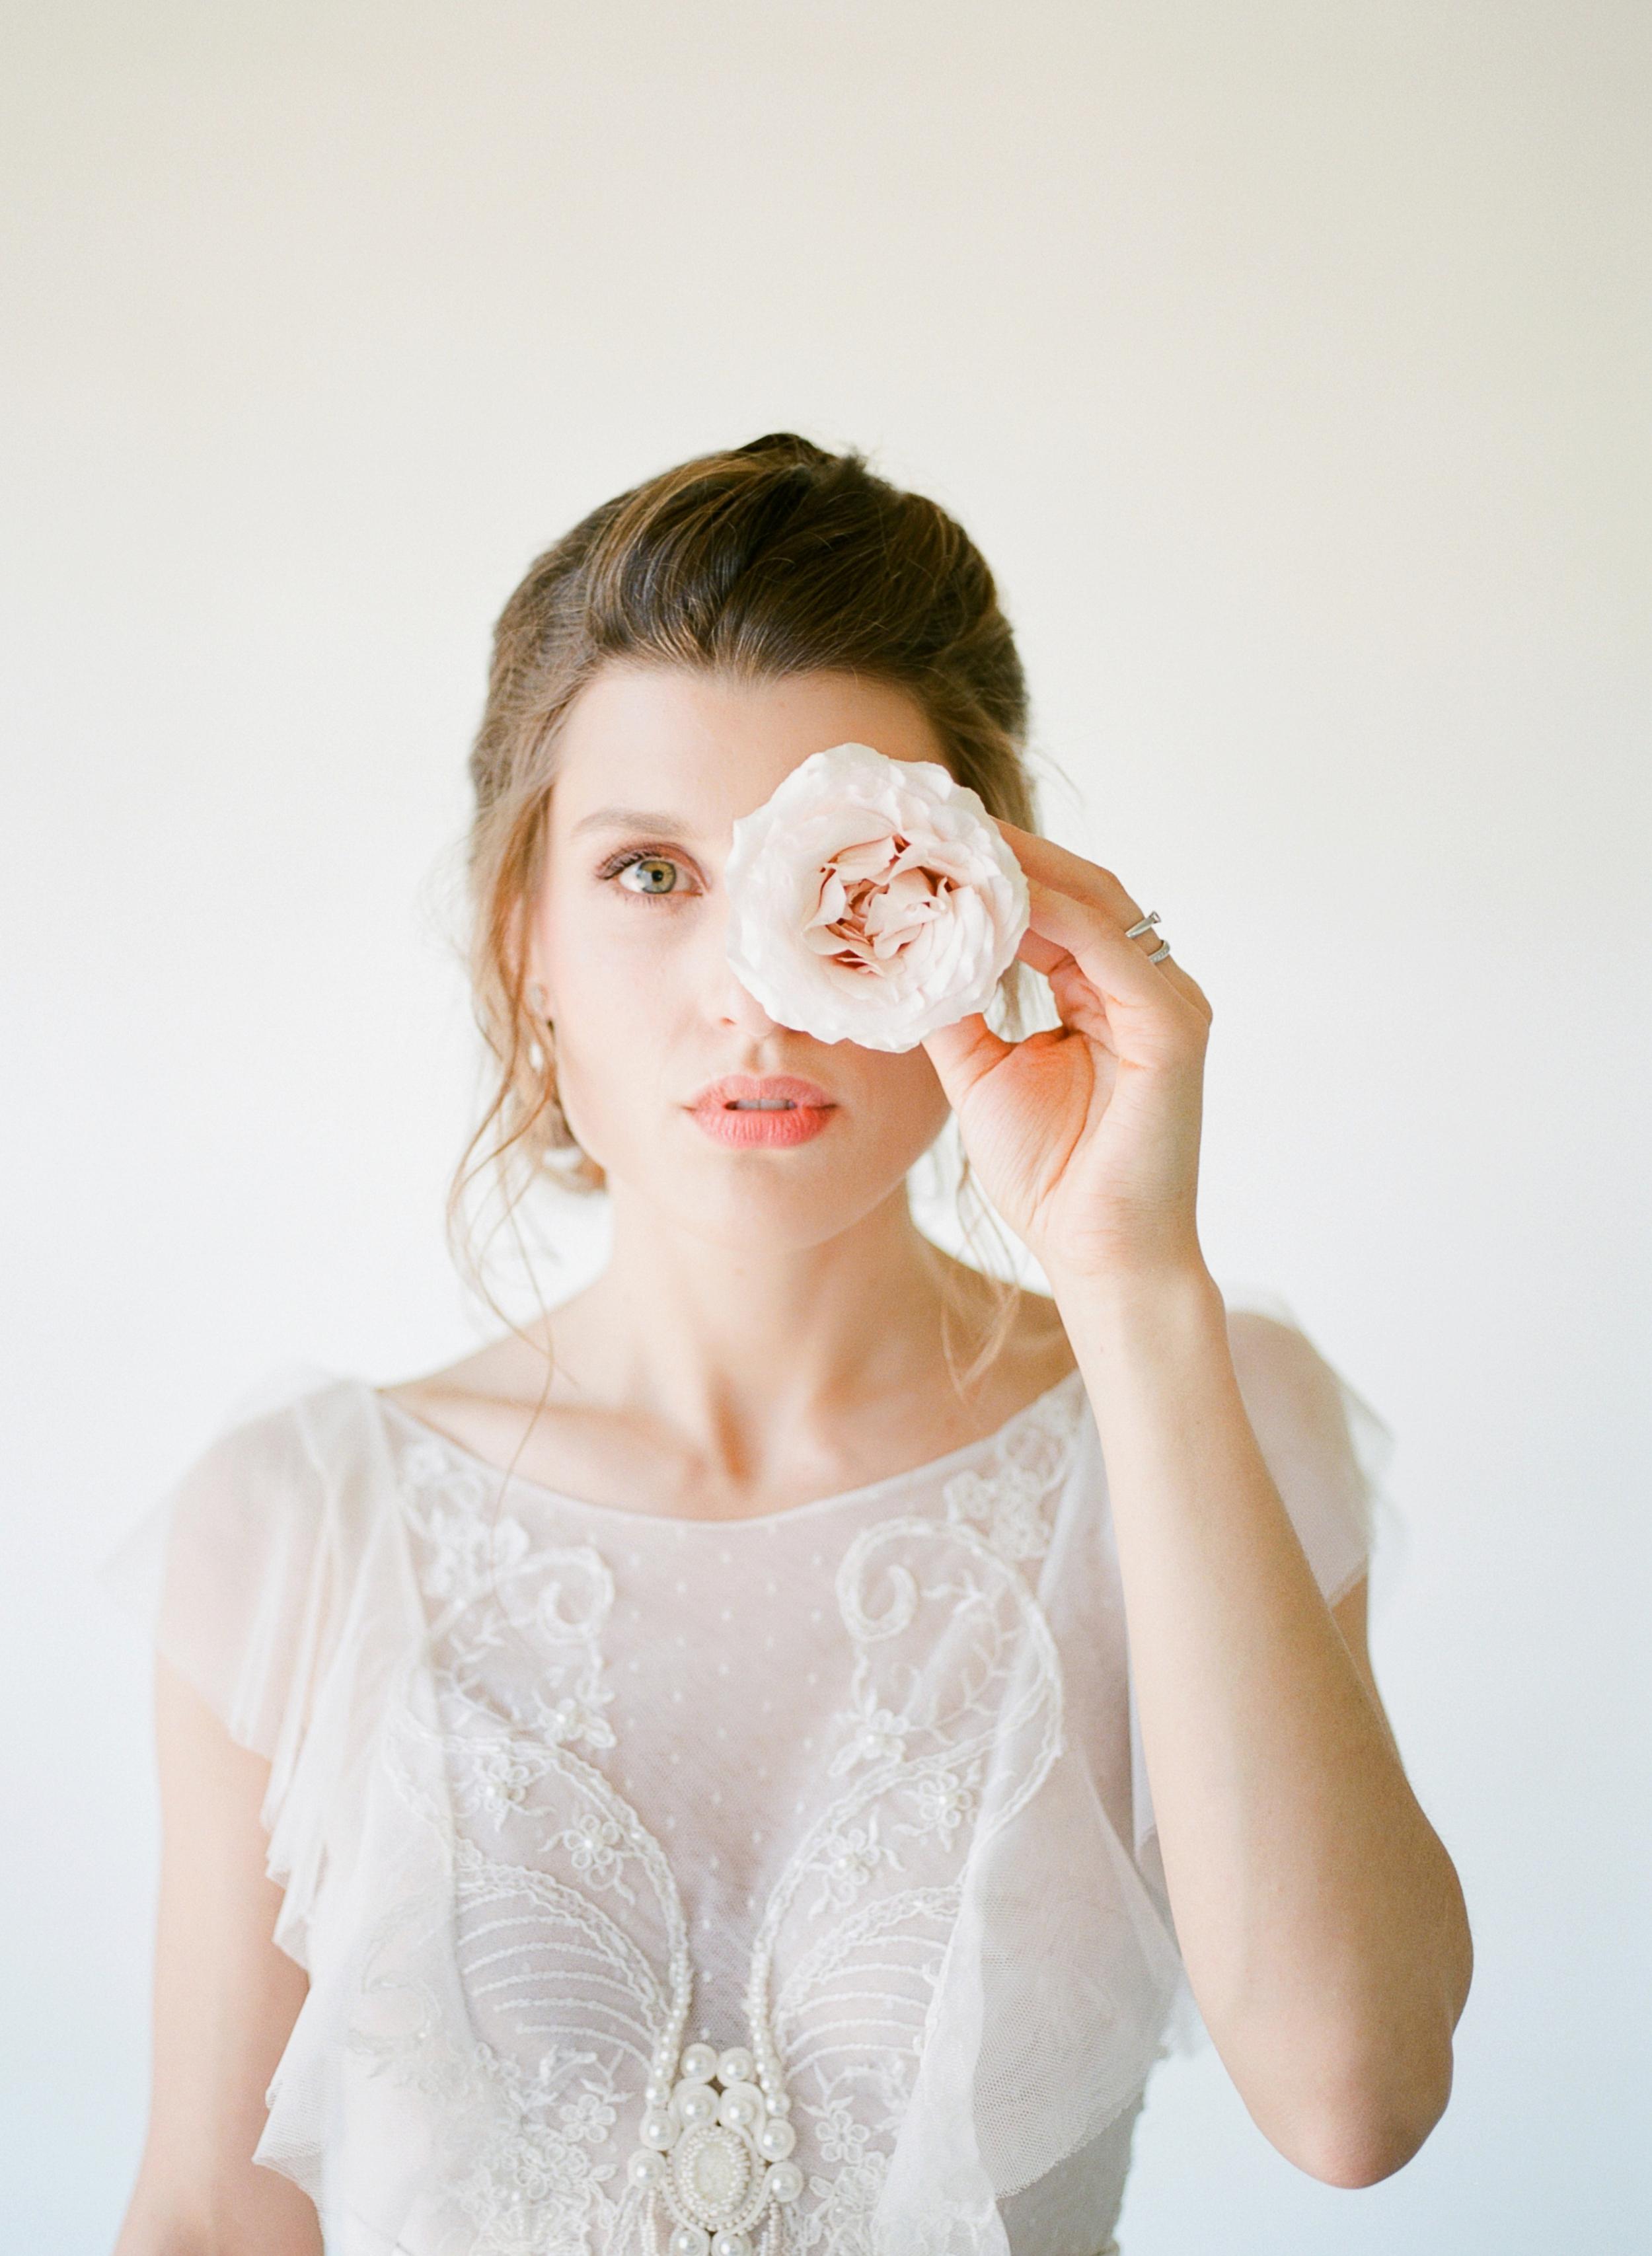 Studio Afterwedding shoot in Hennef with  Suesse poesie - Tanja Kibogo (19).JPG